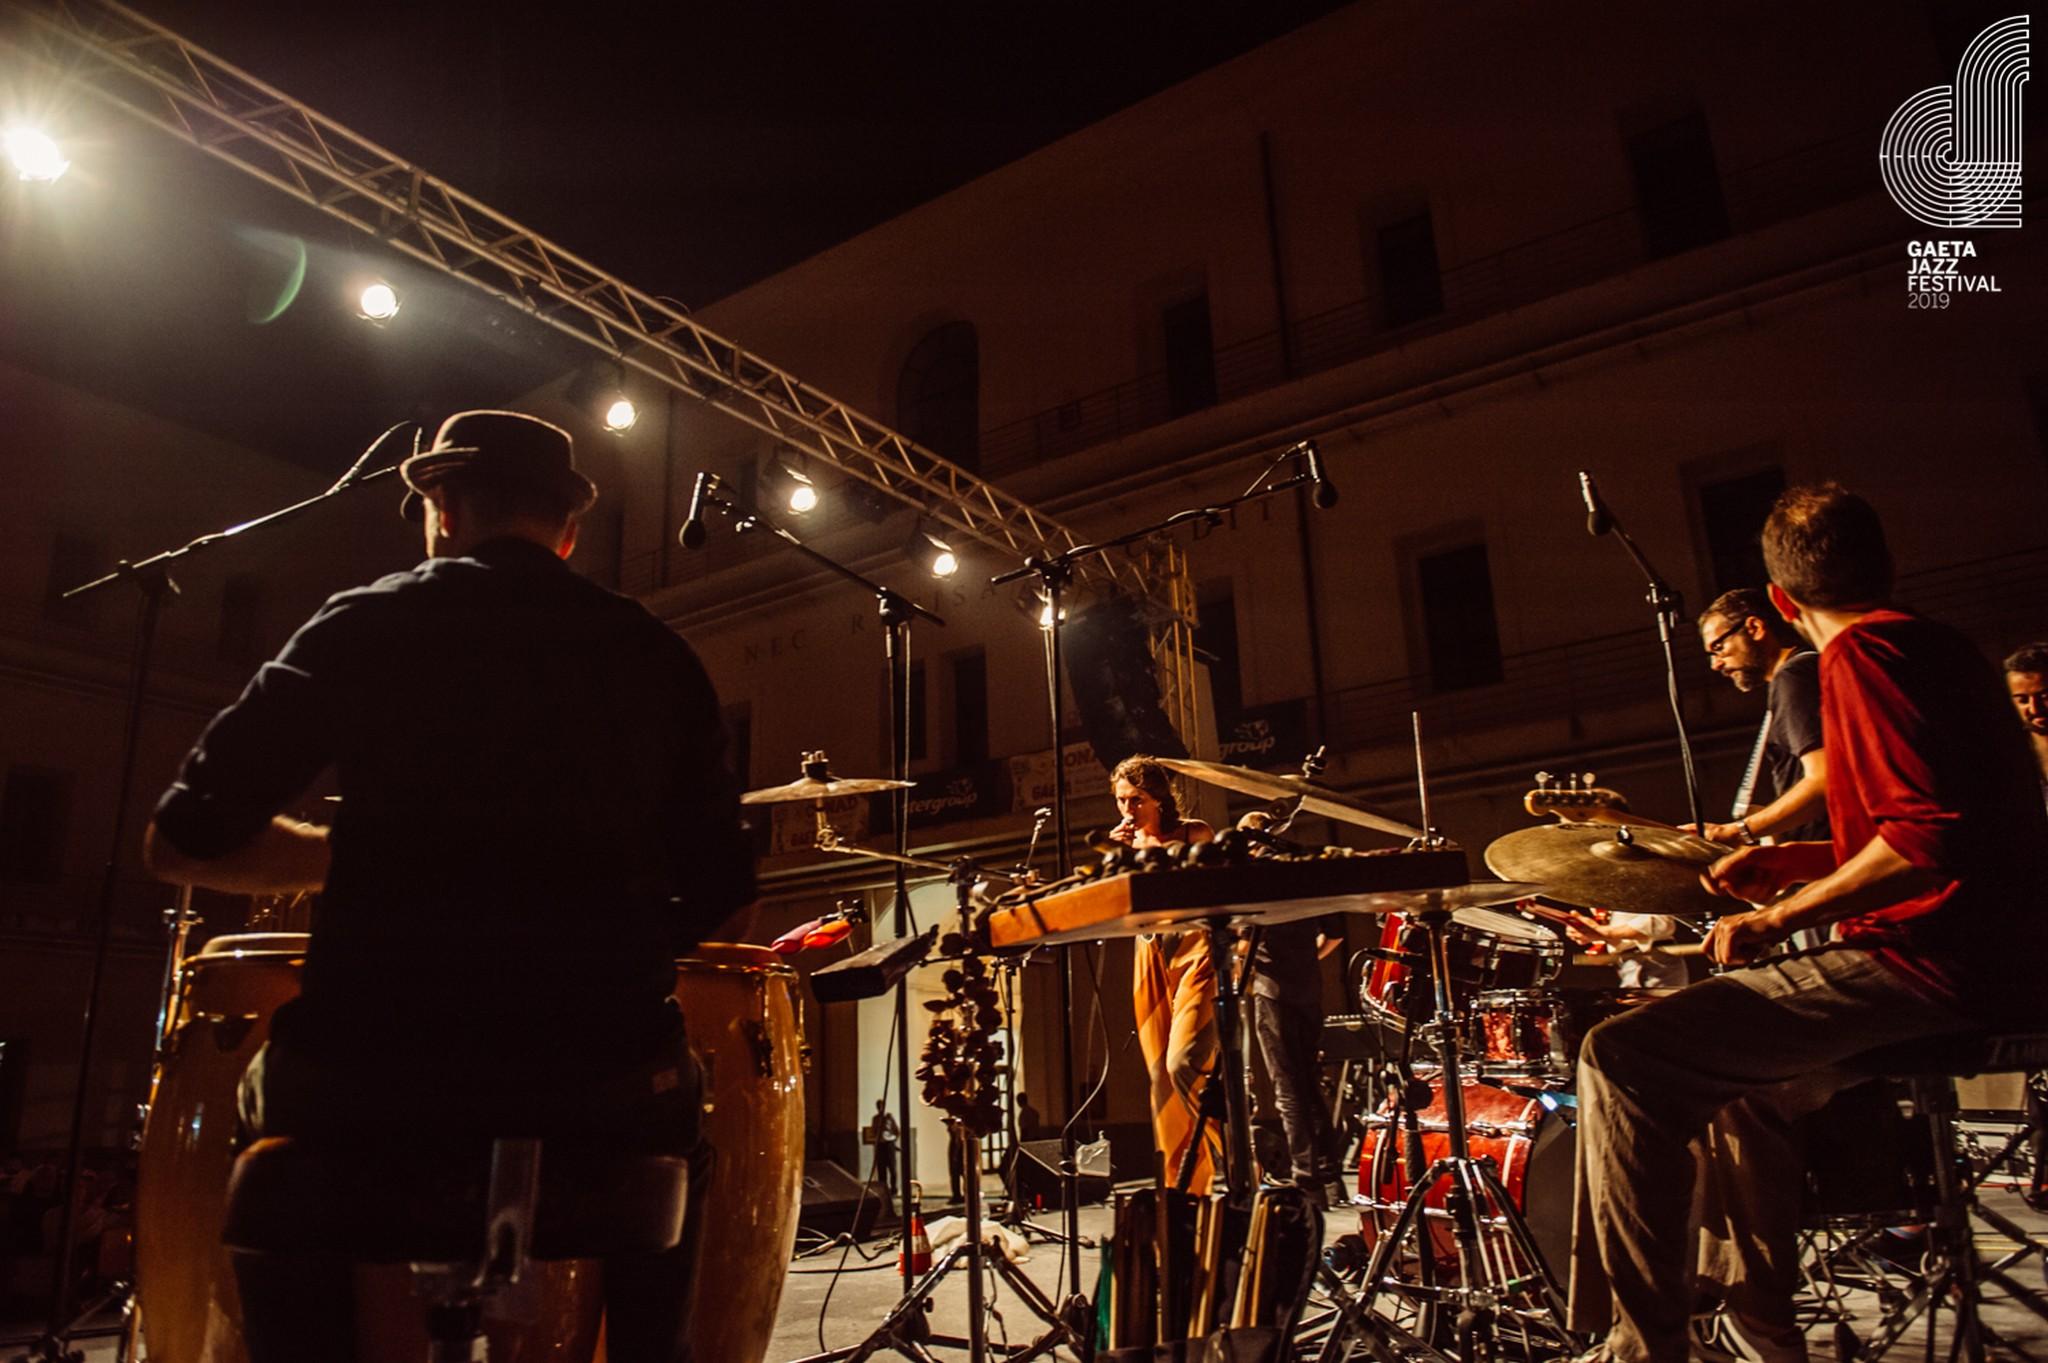 Flavia_Fiengo_Gaeta_Jazz_Festival_live_2019__00004